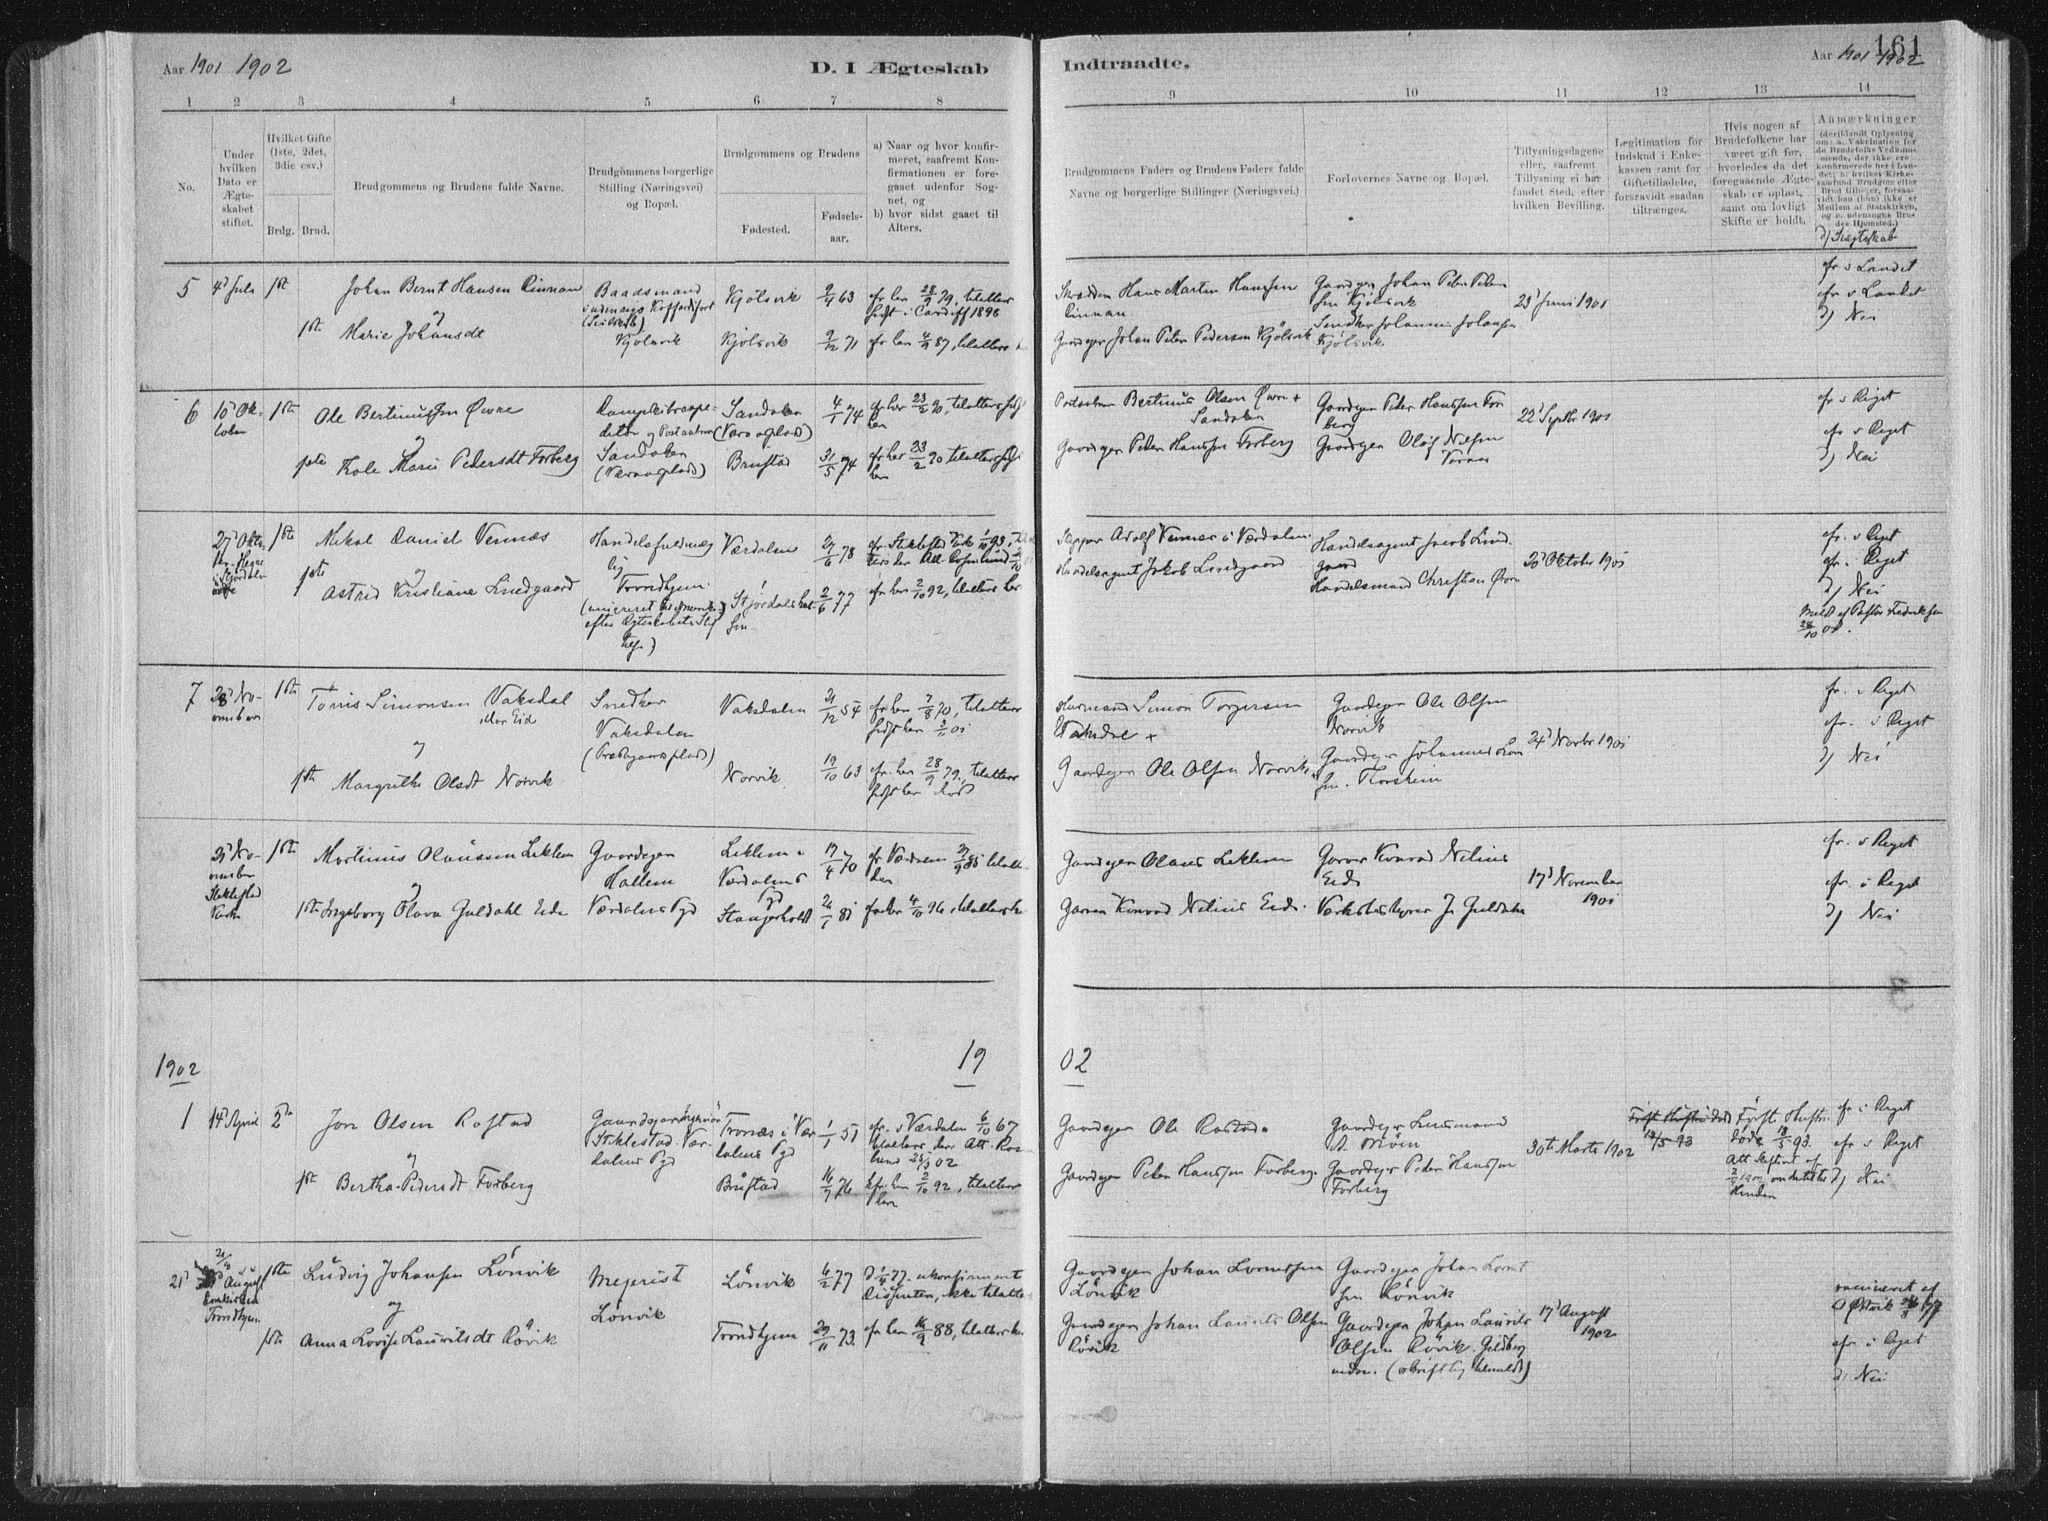 SAT, Ministerialprotokoller, klokkerbøker og fødselsregistre - Nord-Trøndelag, 722/L0220: Ministerialbok nr. 722A07, 1881-1908, s. 161